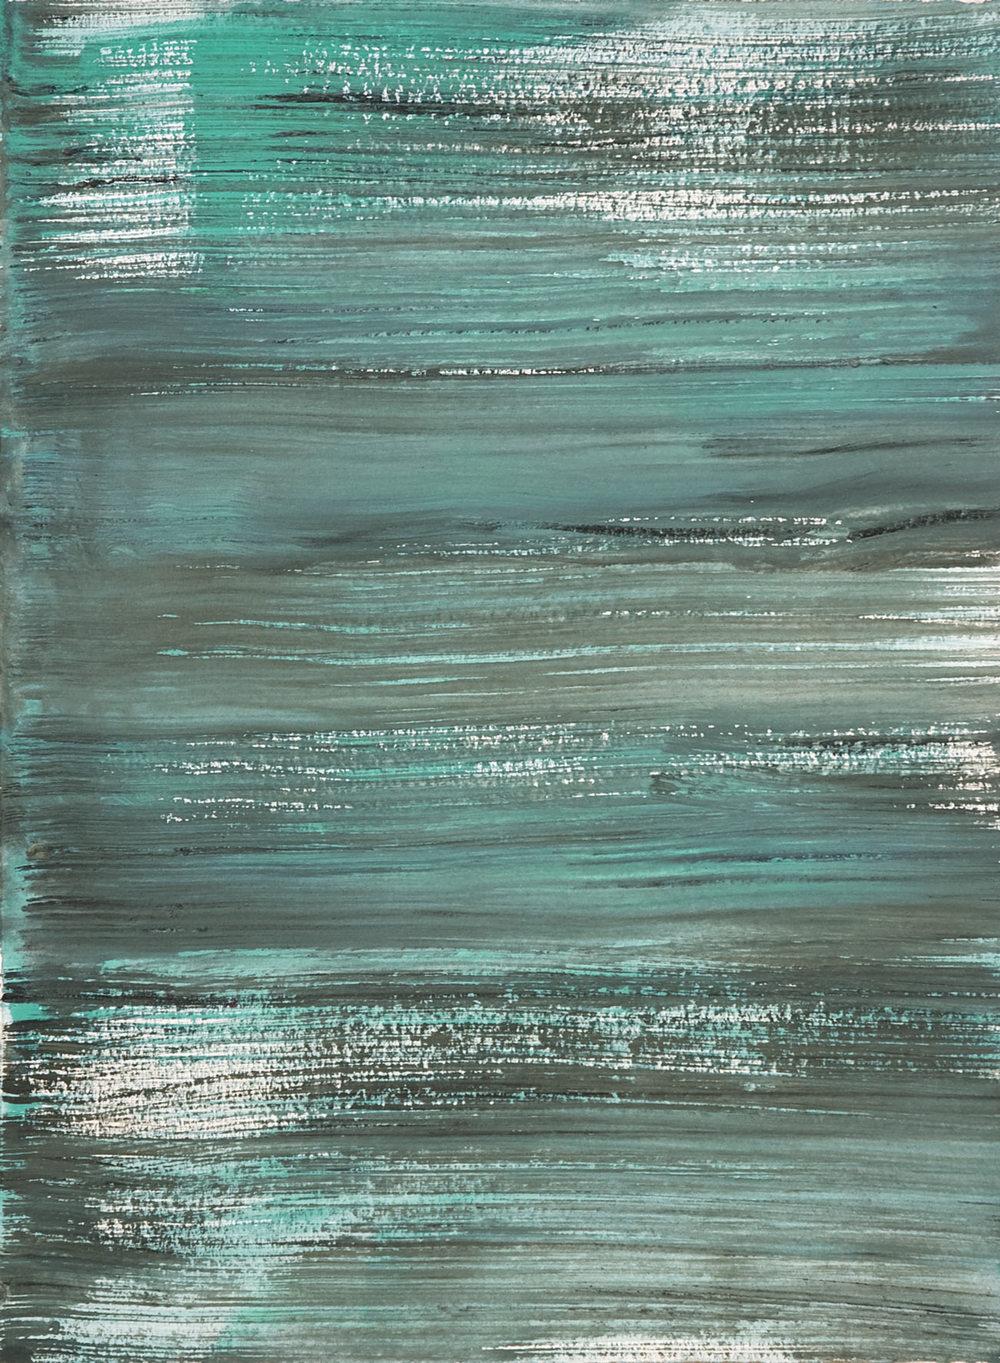 Schist 8 , 2011 casein on paper 15 x 11 in.